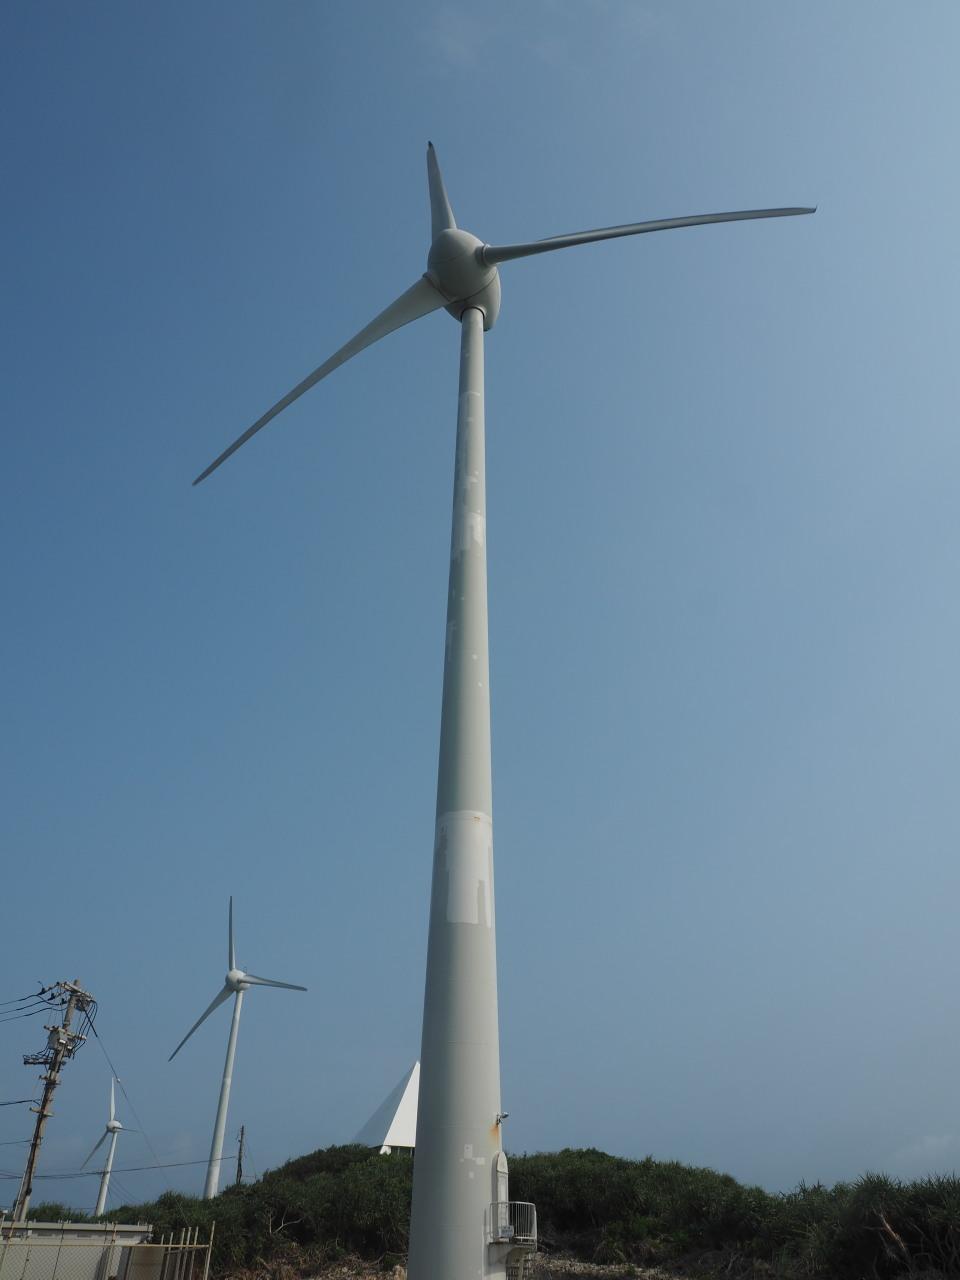 ここにも風車は数多い